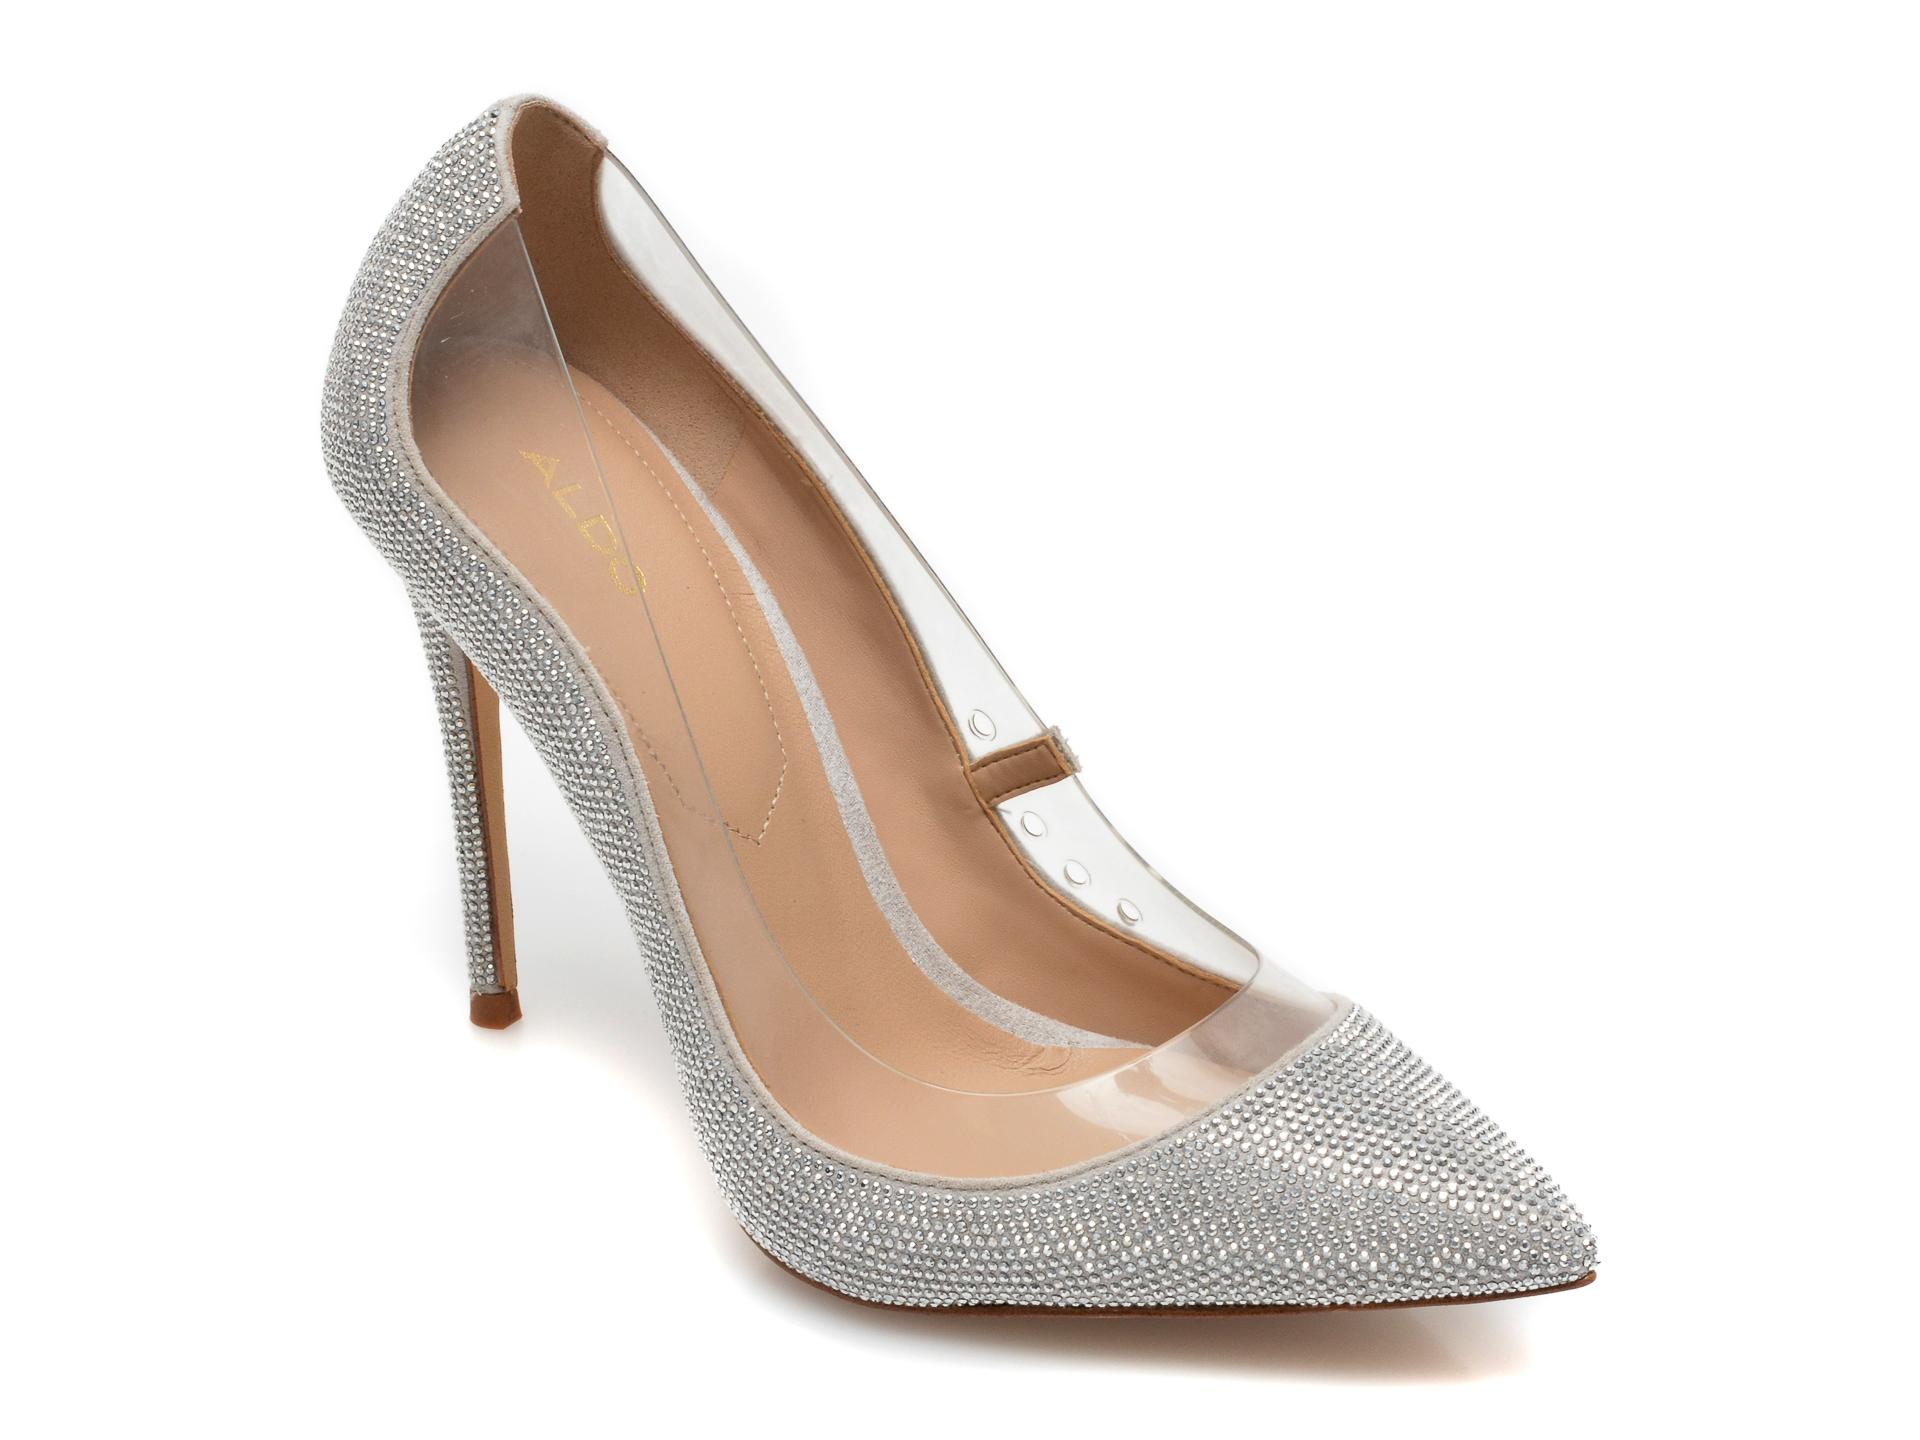 Pantofi ALDO argintii, Edulla042, din material textil imagine otter.ro 2021